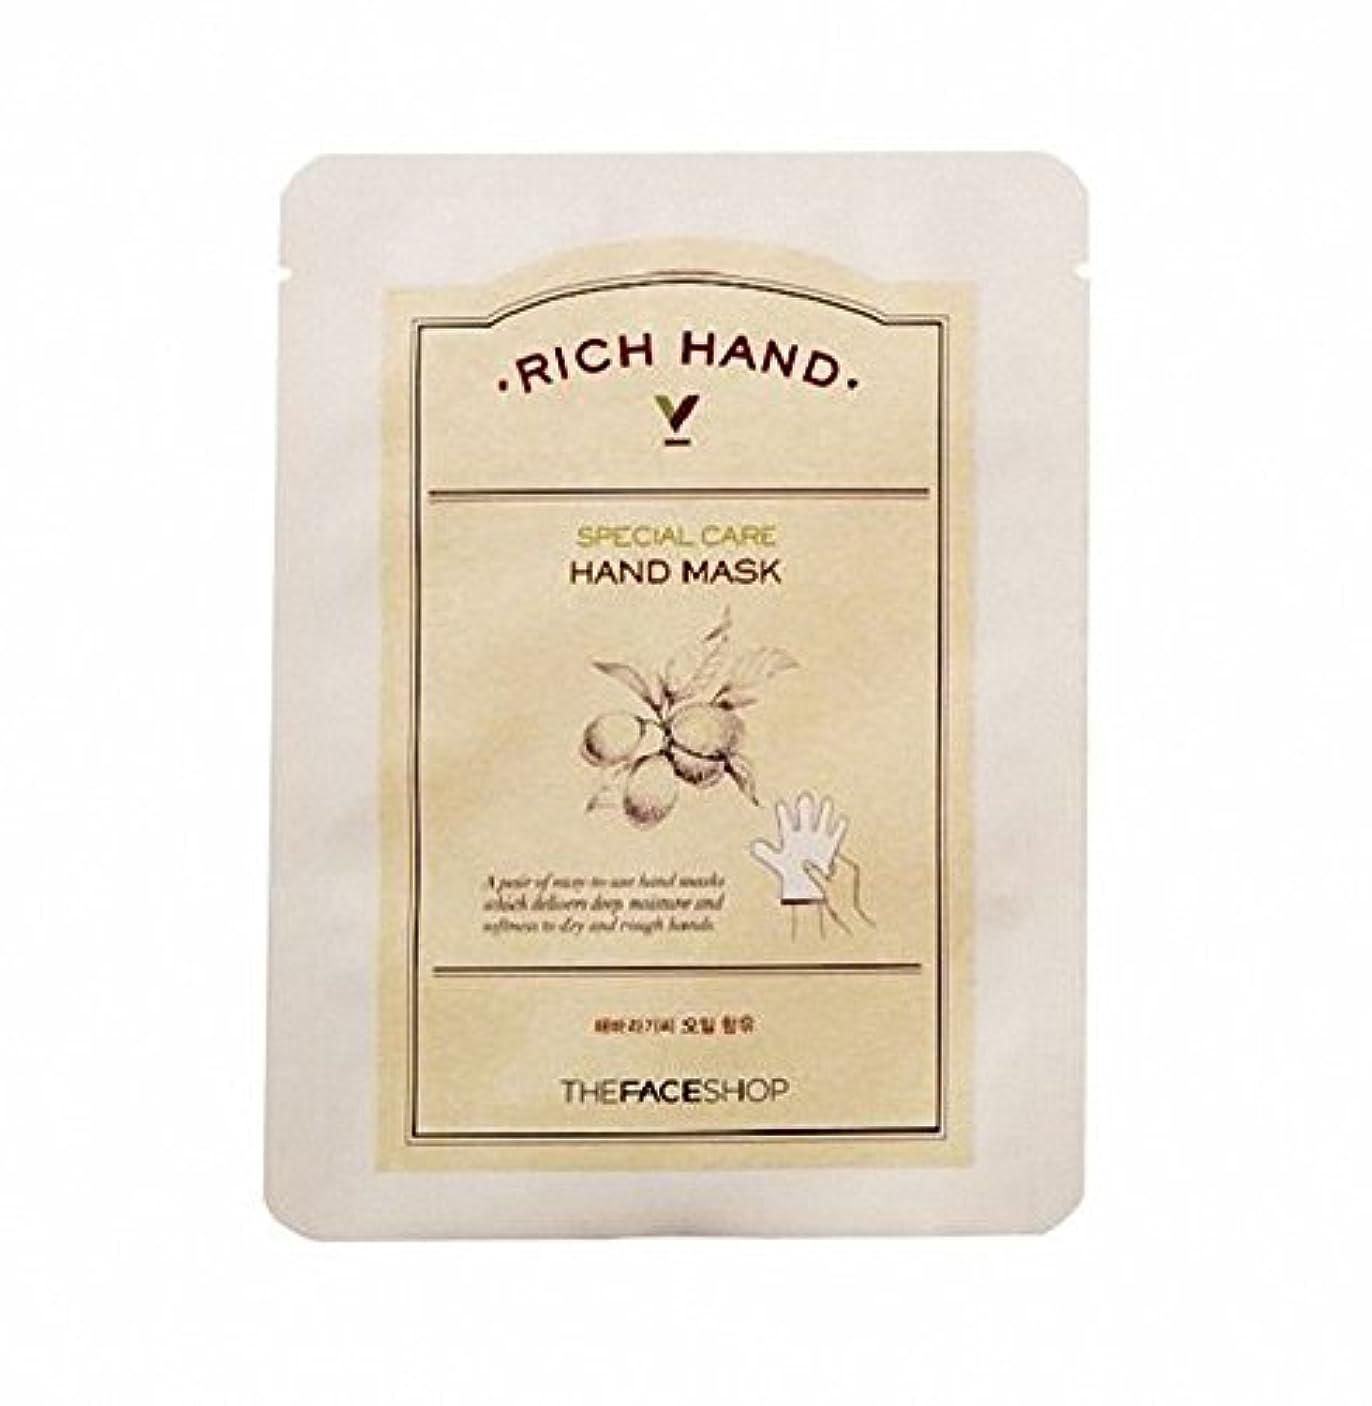 円形の実行可能友だち[ザ·フェイスショップ The Face Shop]  リッチ ハンド V スペシャルケア ハンドマスク (3枚) Rich Hand V Special Care Hand Mask (3 Sheet) 韓国コスメ[海外直送品]